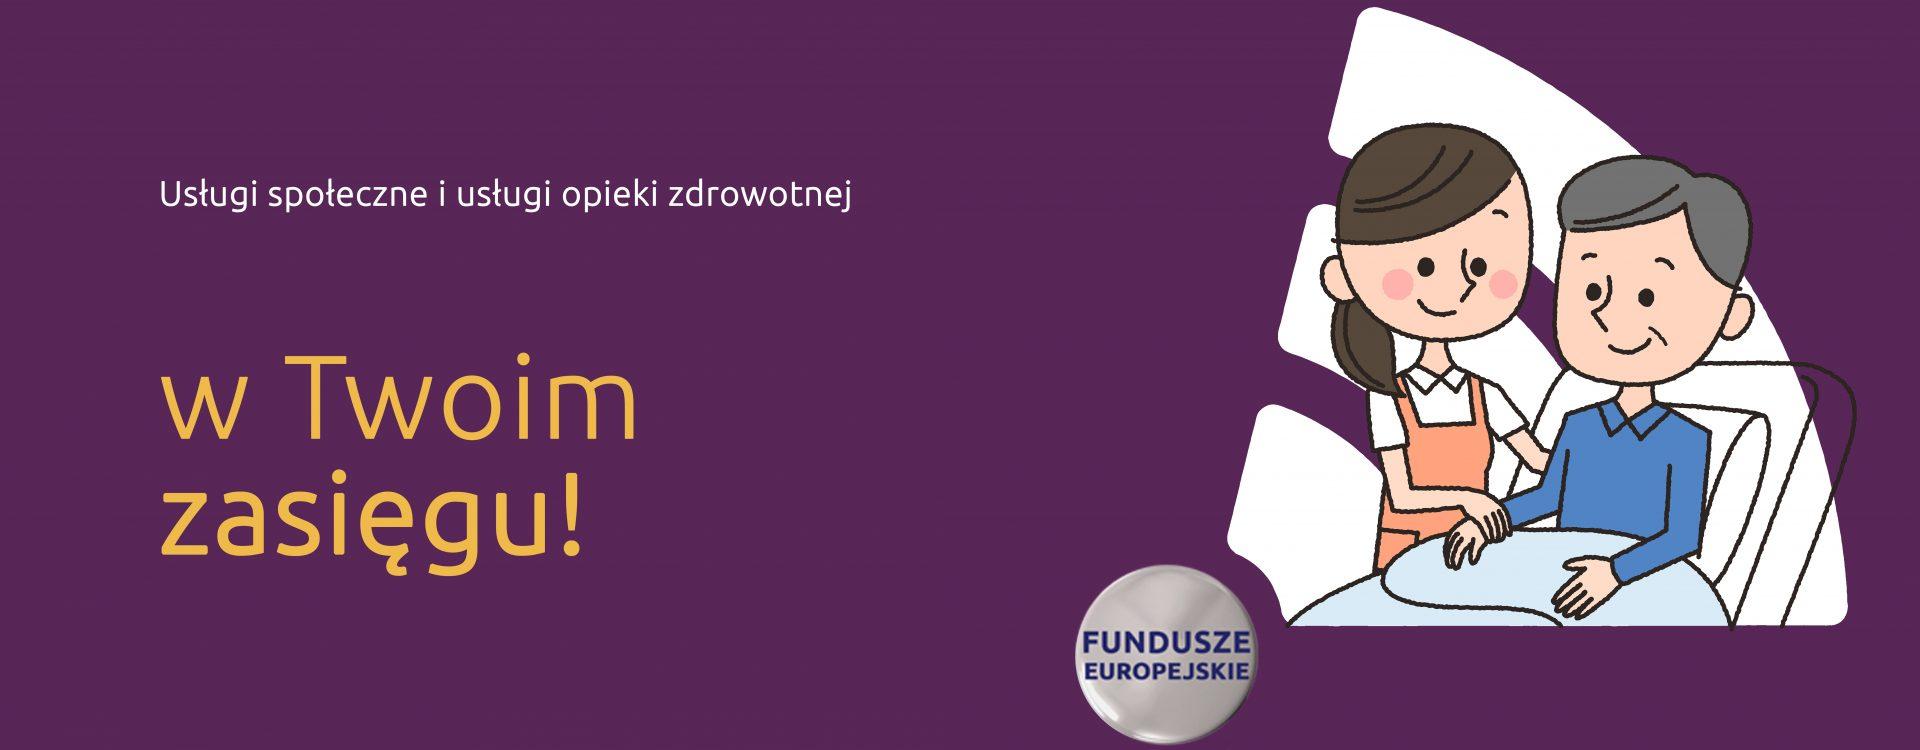 Fundusze UE na pomoc osobom niesamodzielnym i starszym